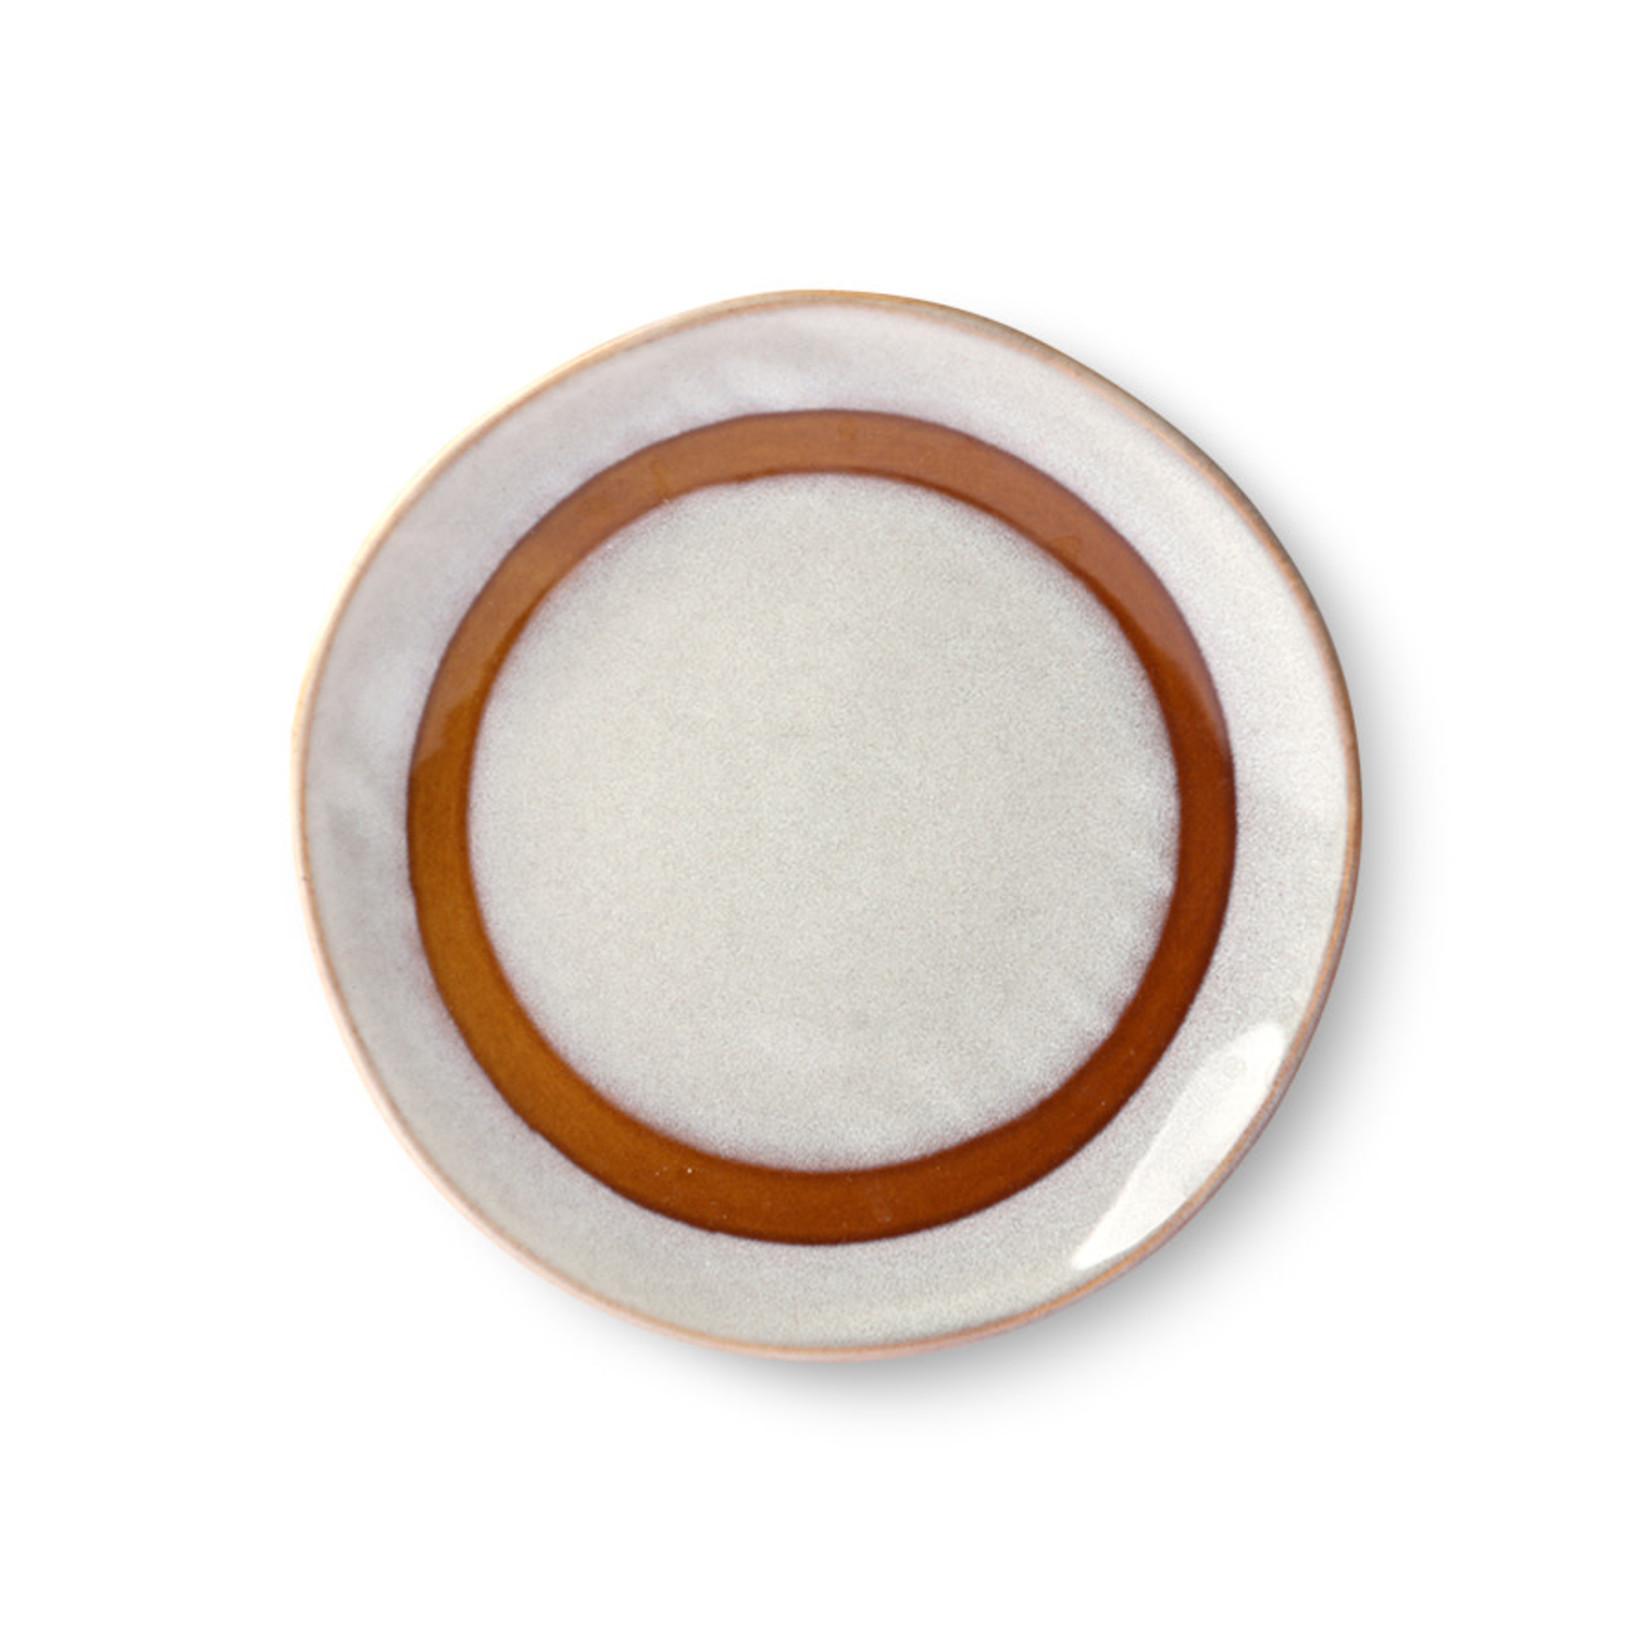 HK Living HK Living Ceramic 70's Dessert plate Snow